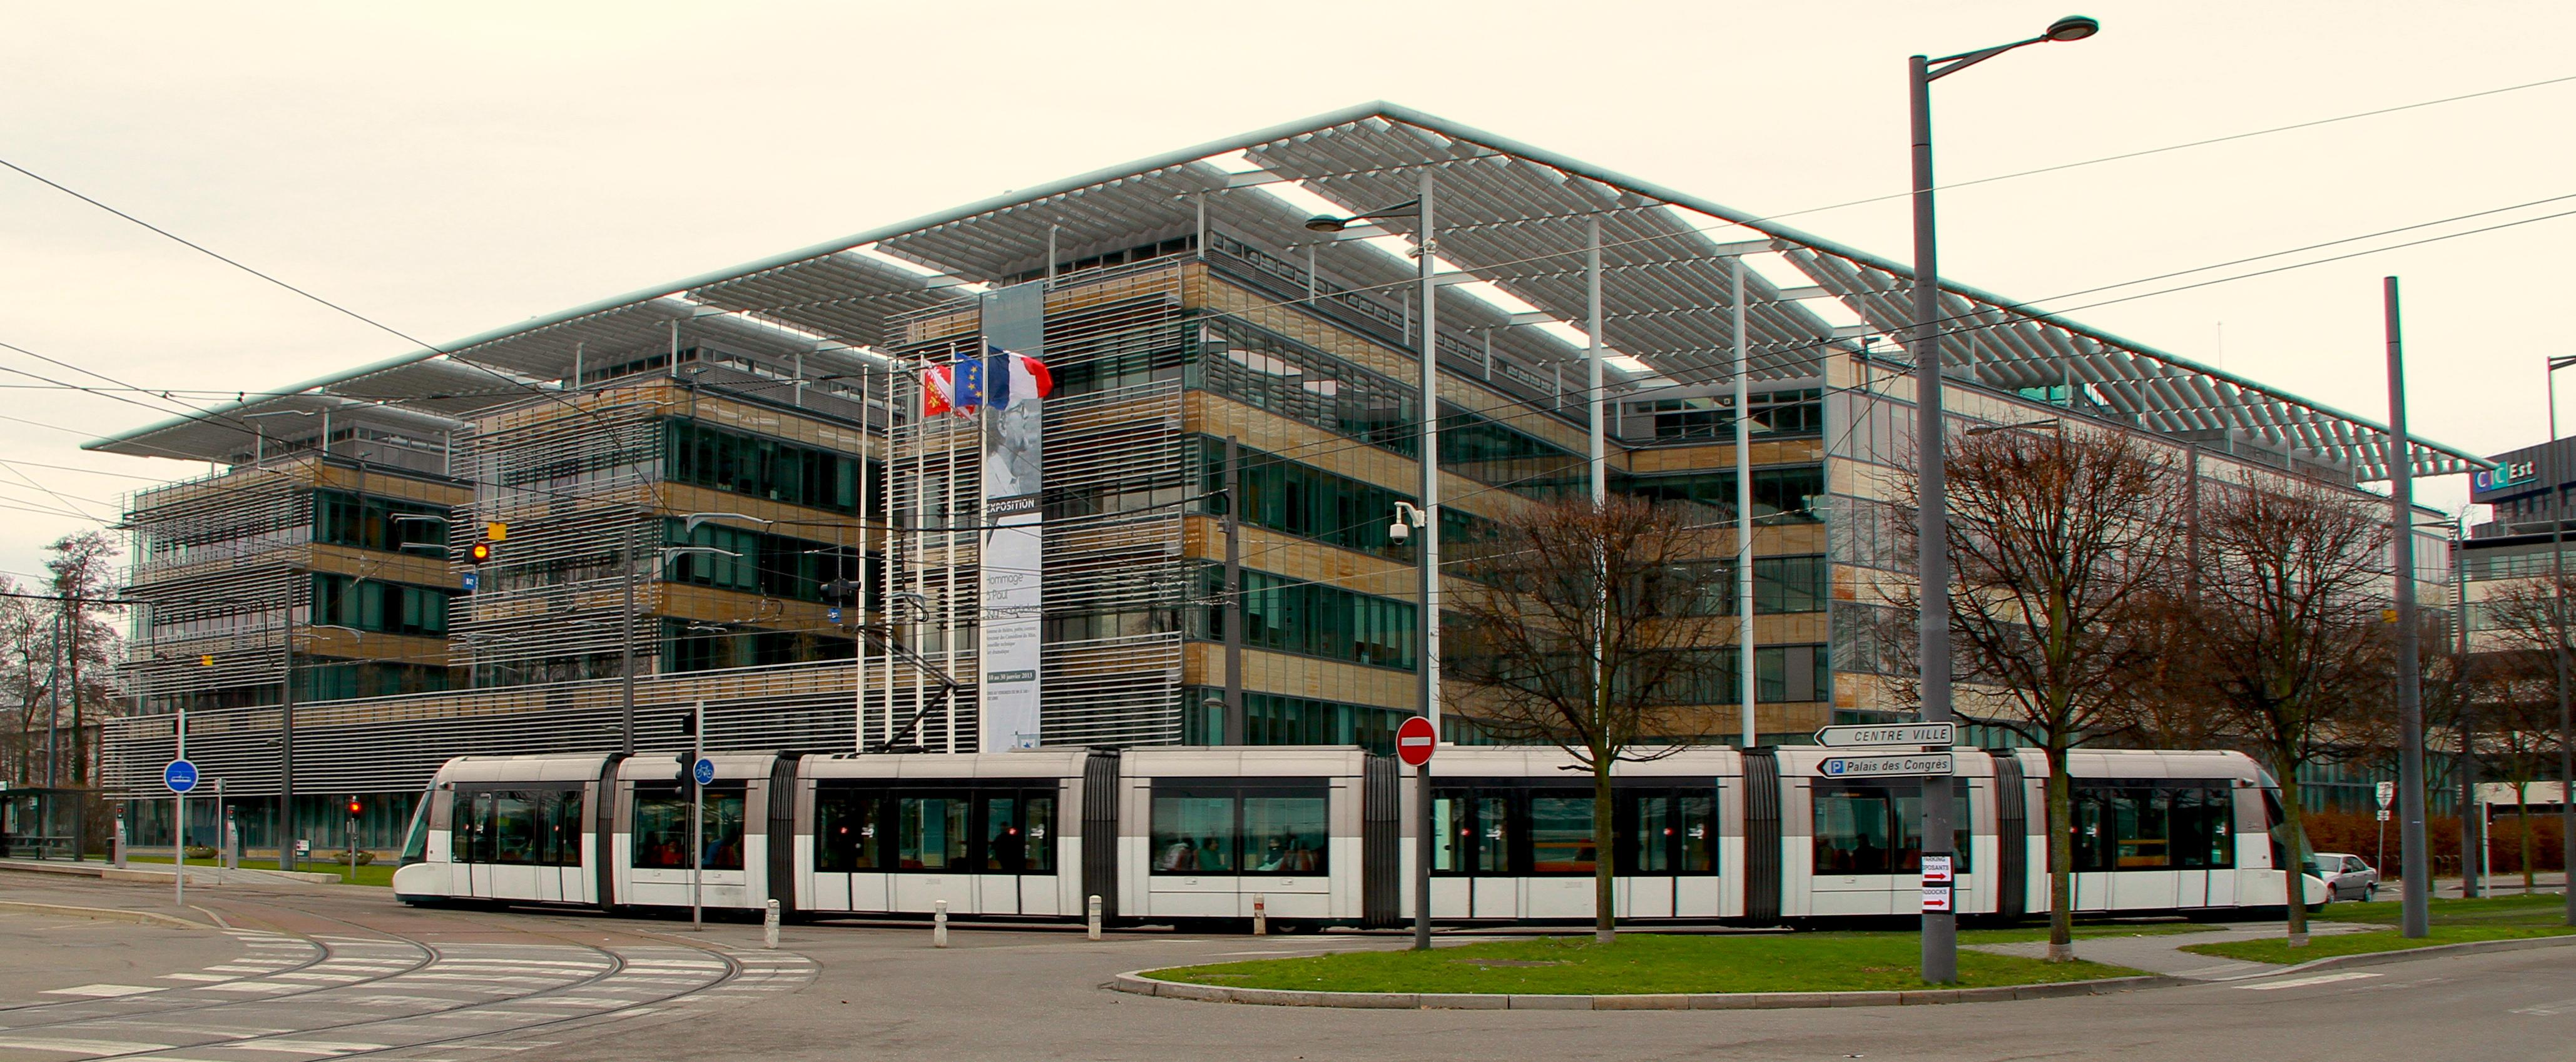 strasbourg-region-alsace